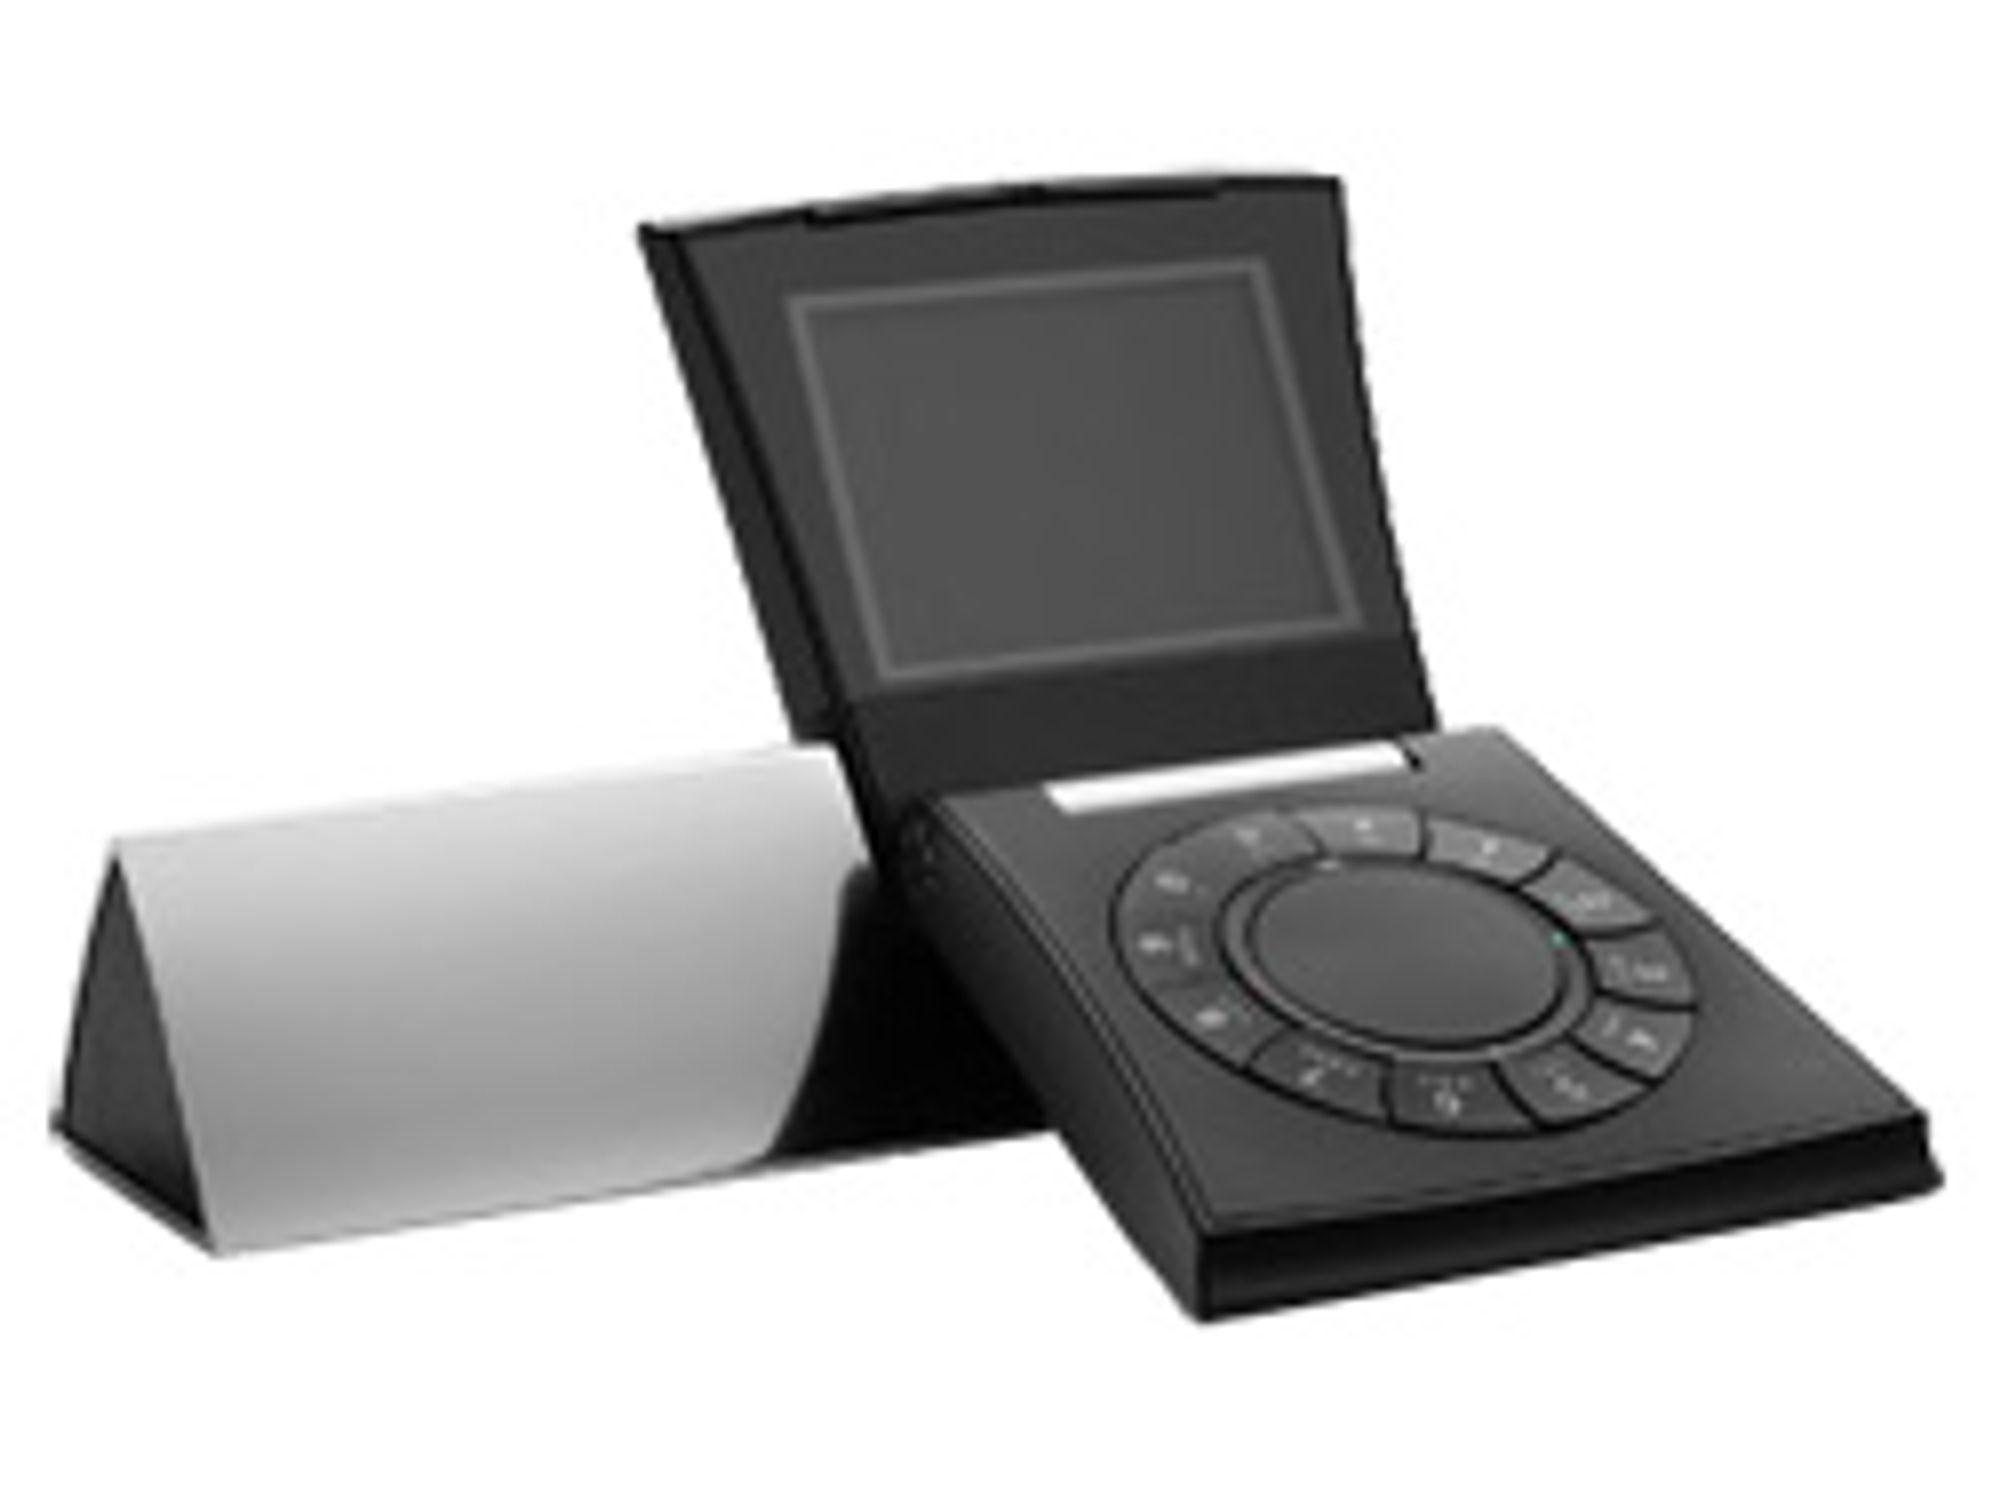 Serene ble laget i Samarbeid med Samsung, og ble lansert i 2005.